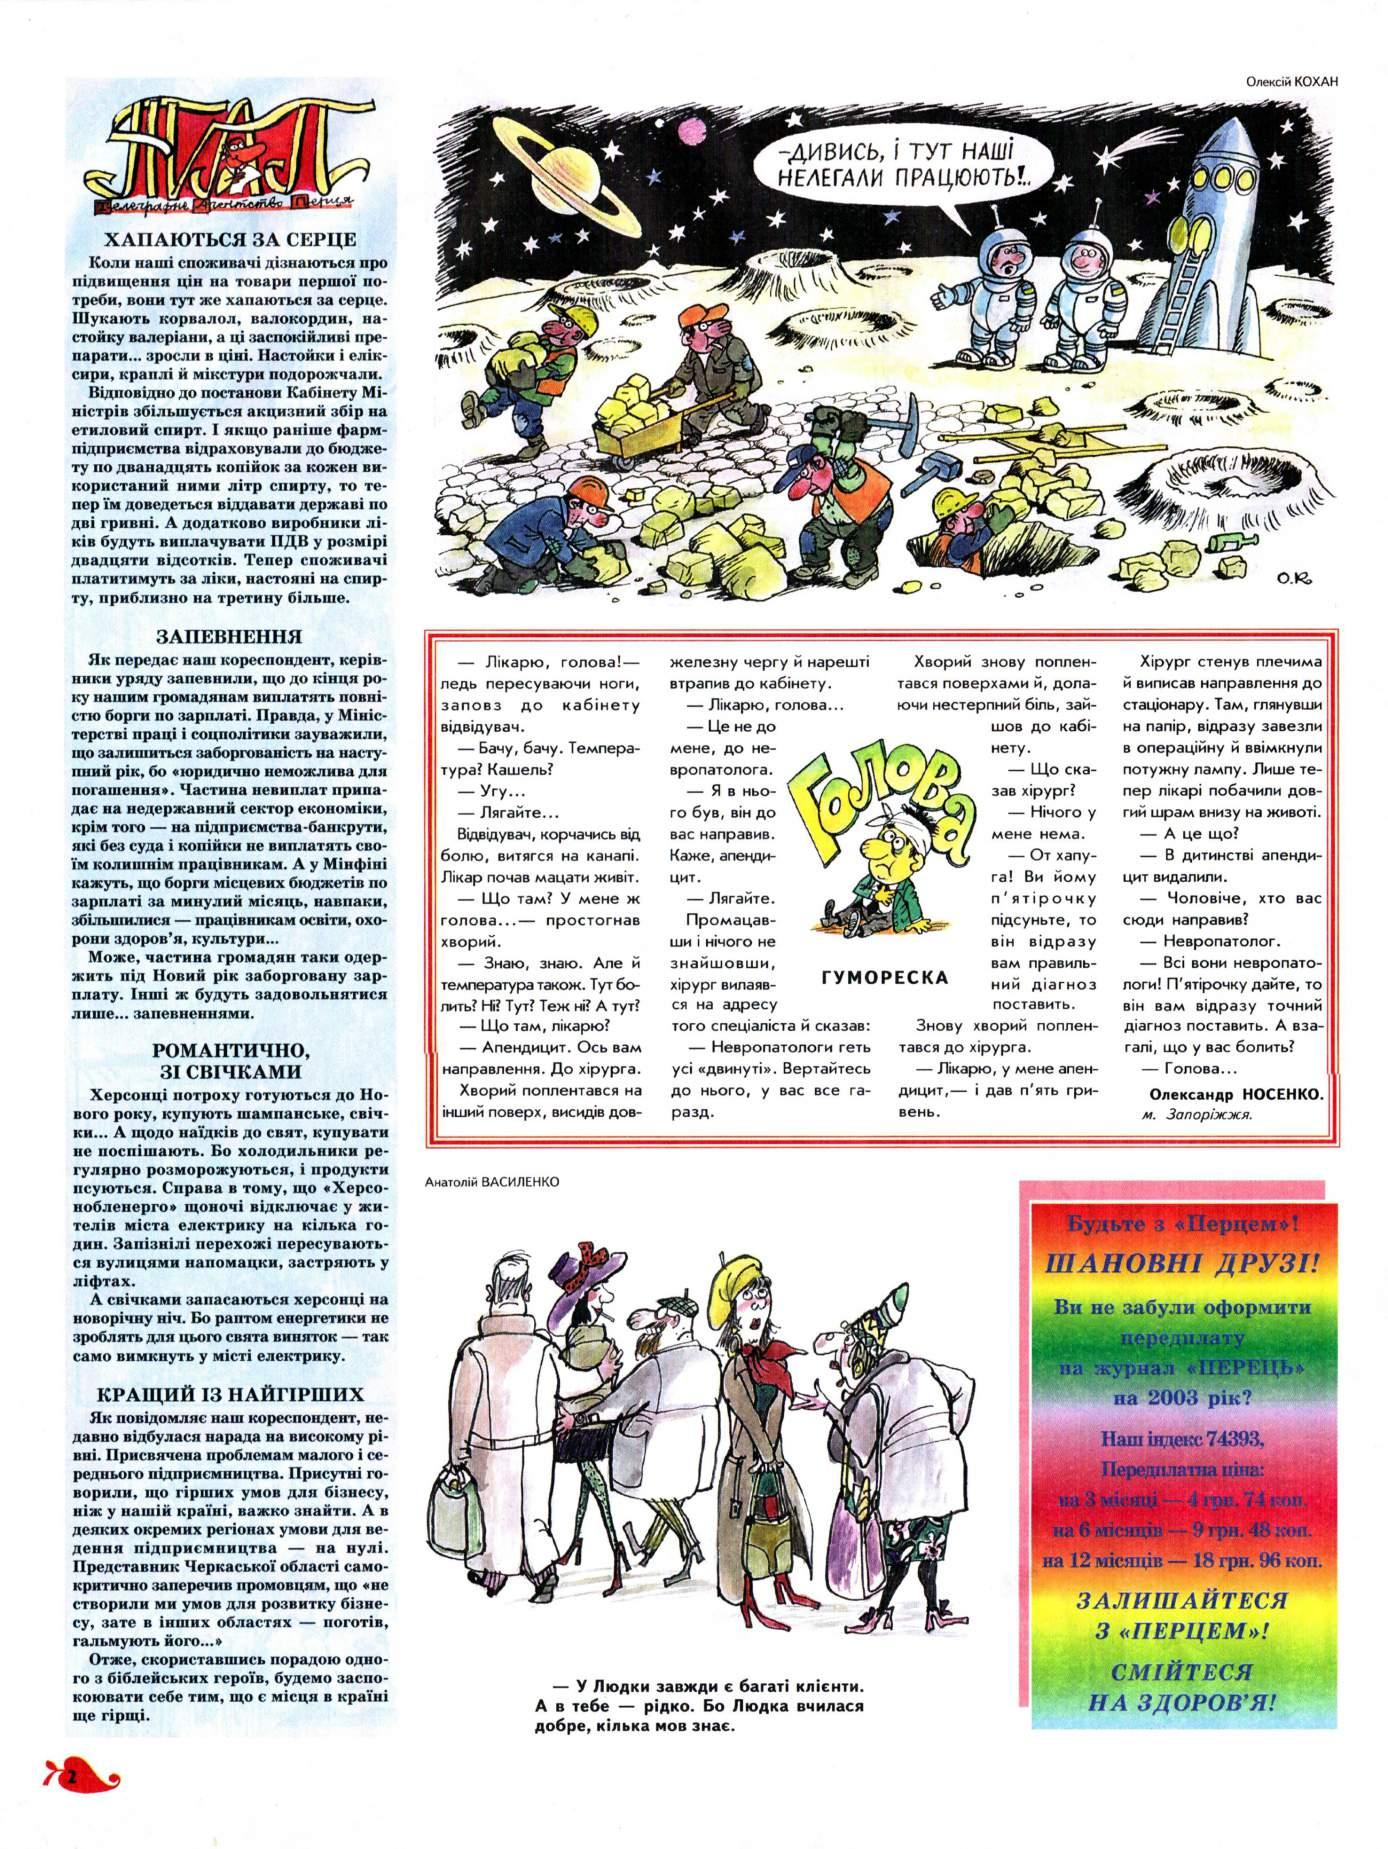 Журнал перець 2002 №12